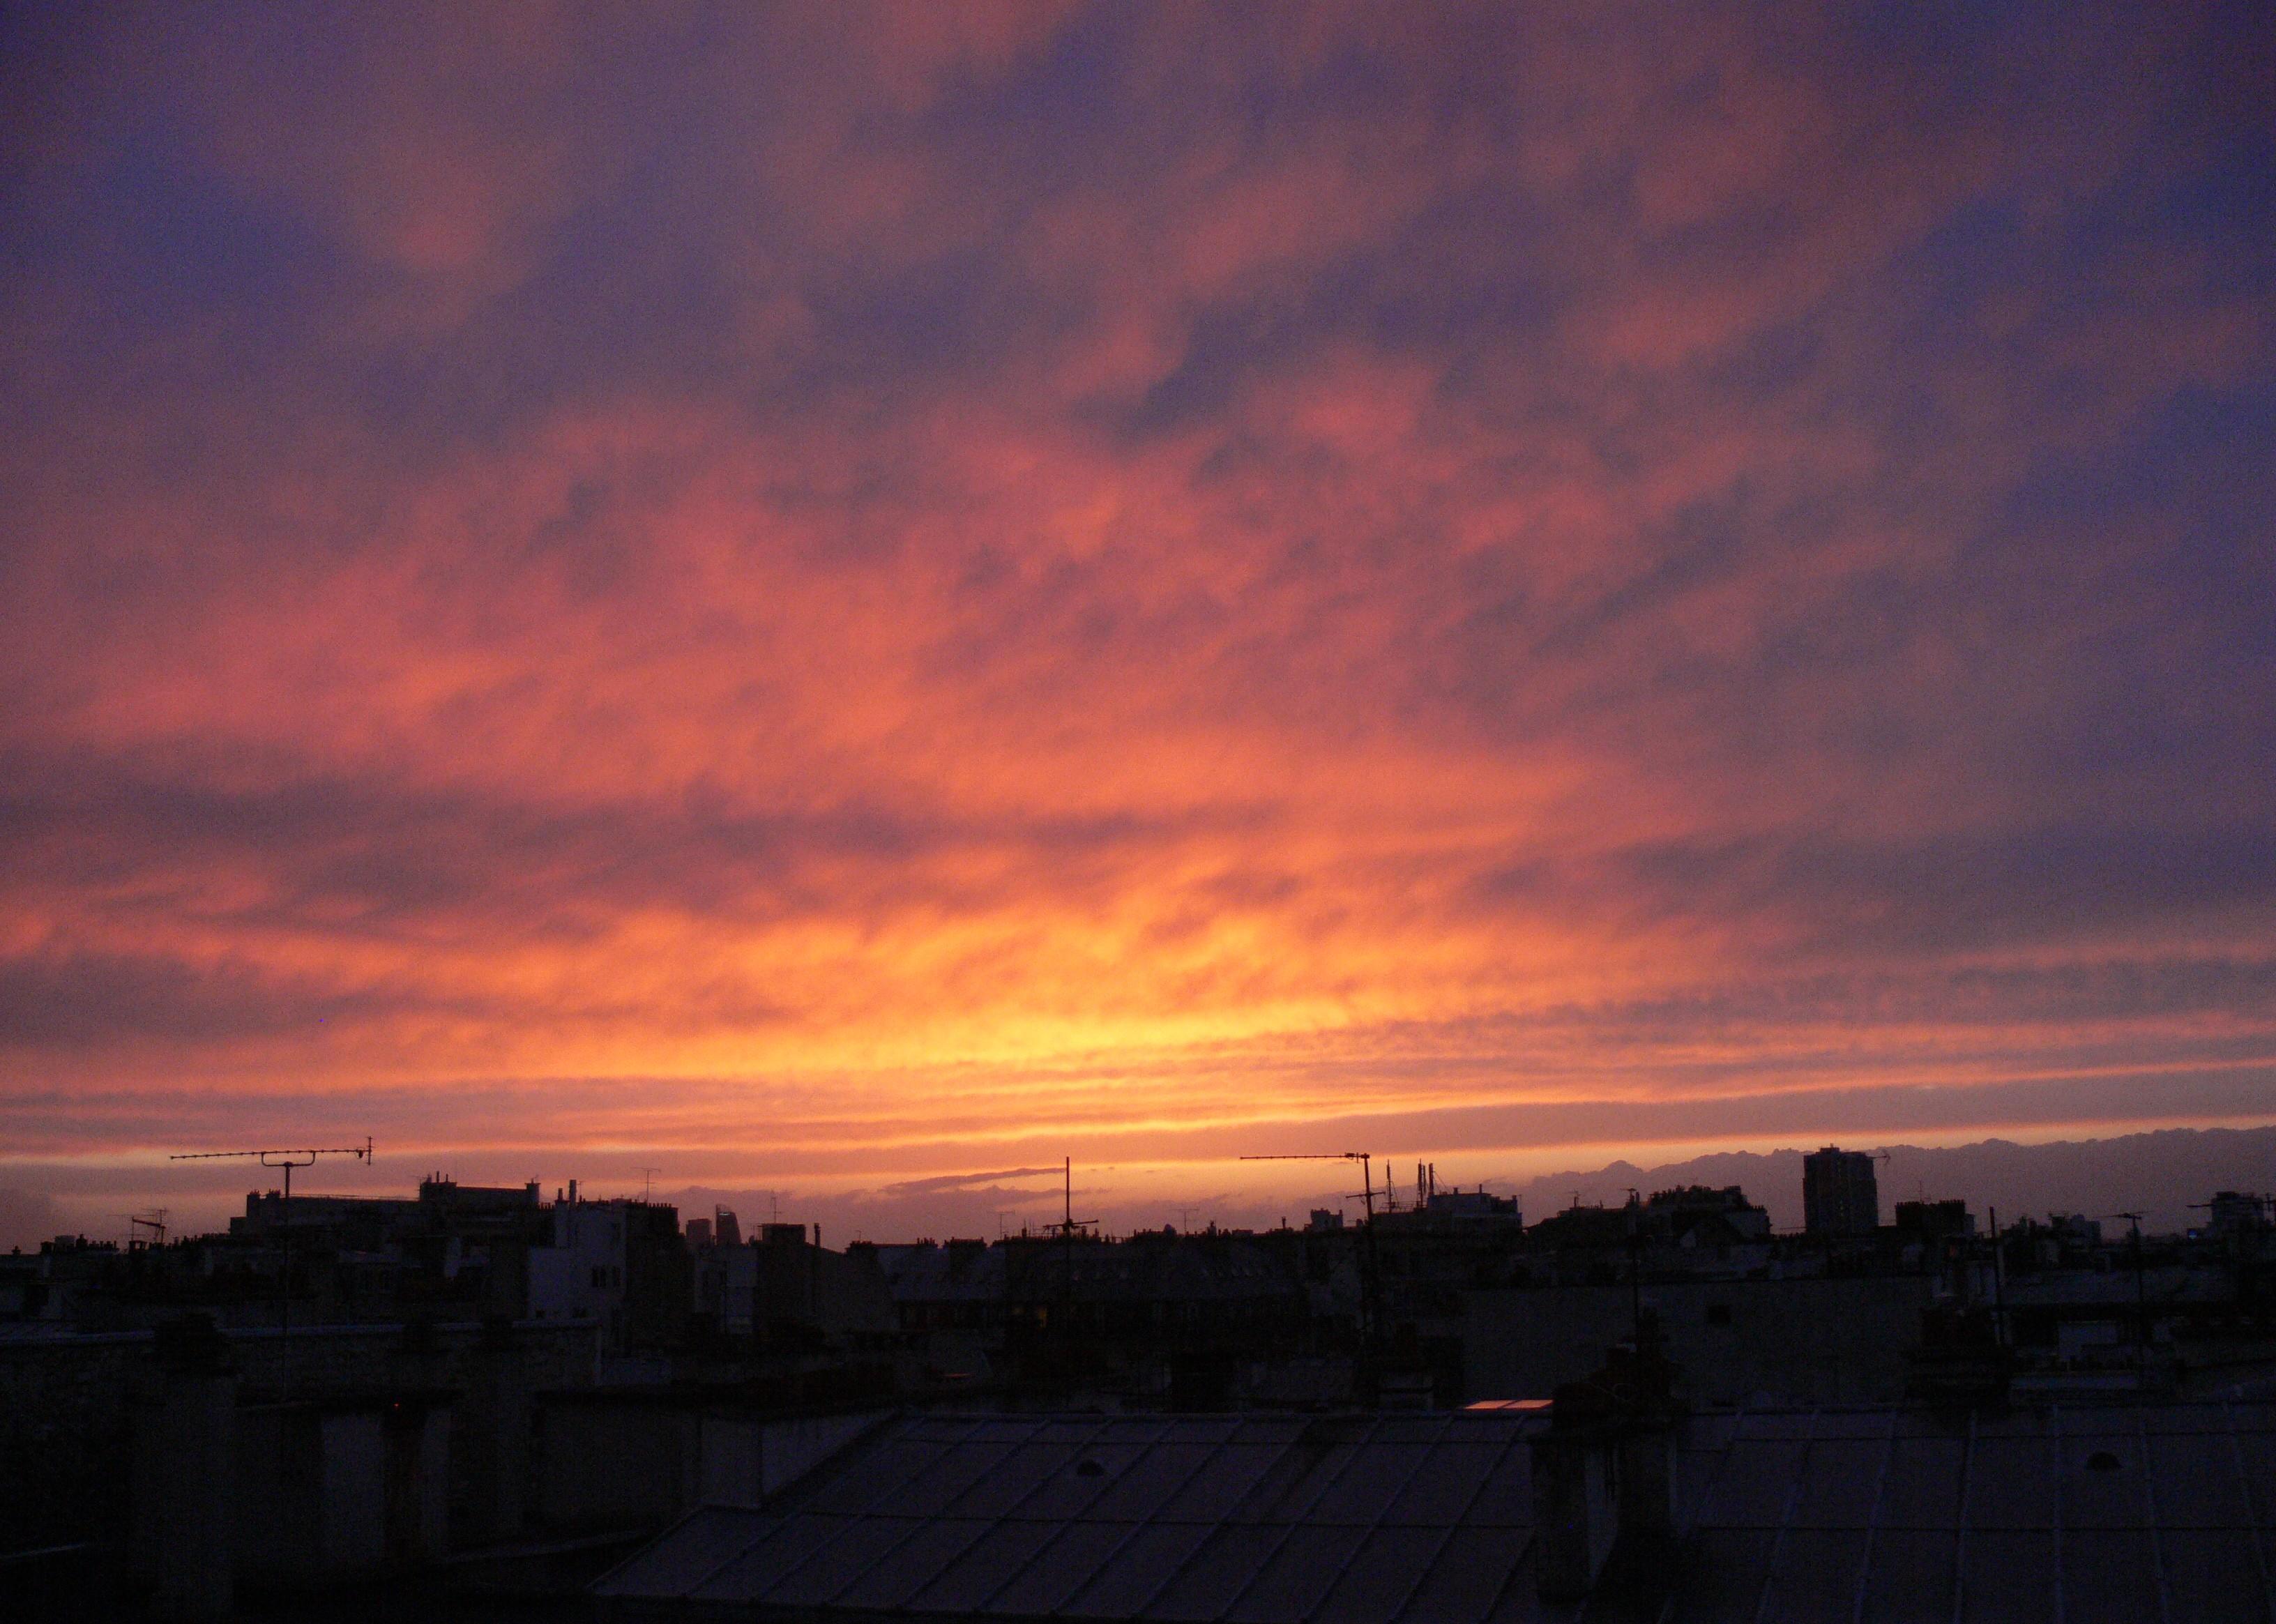 Chouyored couvre chouyo 39 s world - Quelle heure se couche le soleil ...